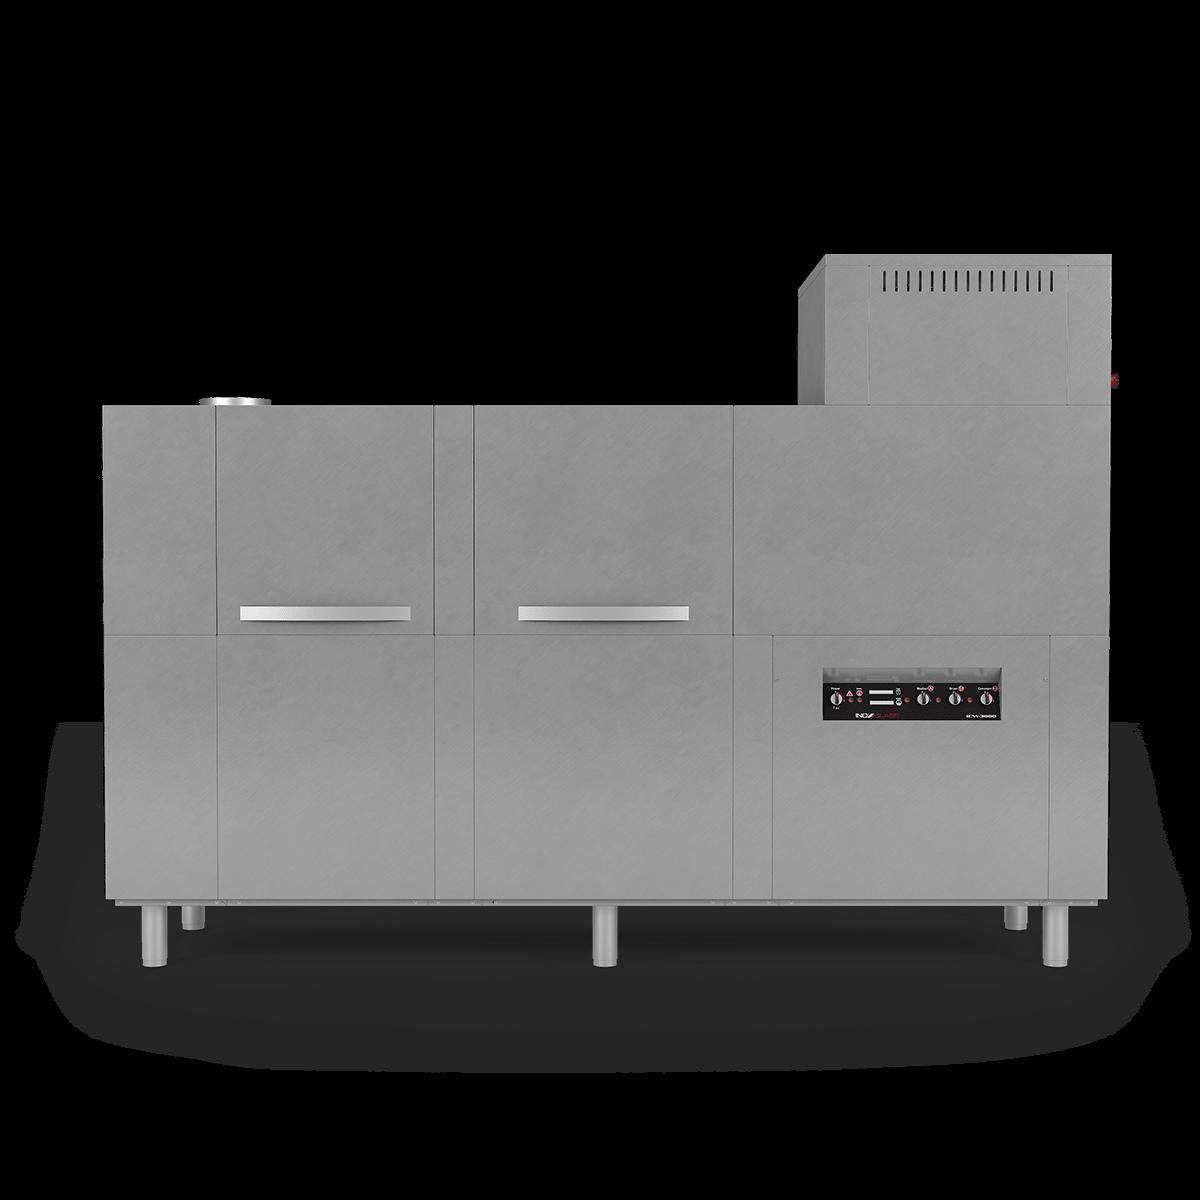 ICW3000 Konveyörlü Bulaşık Makinesi